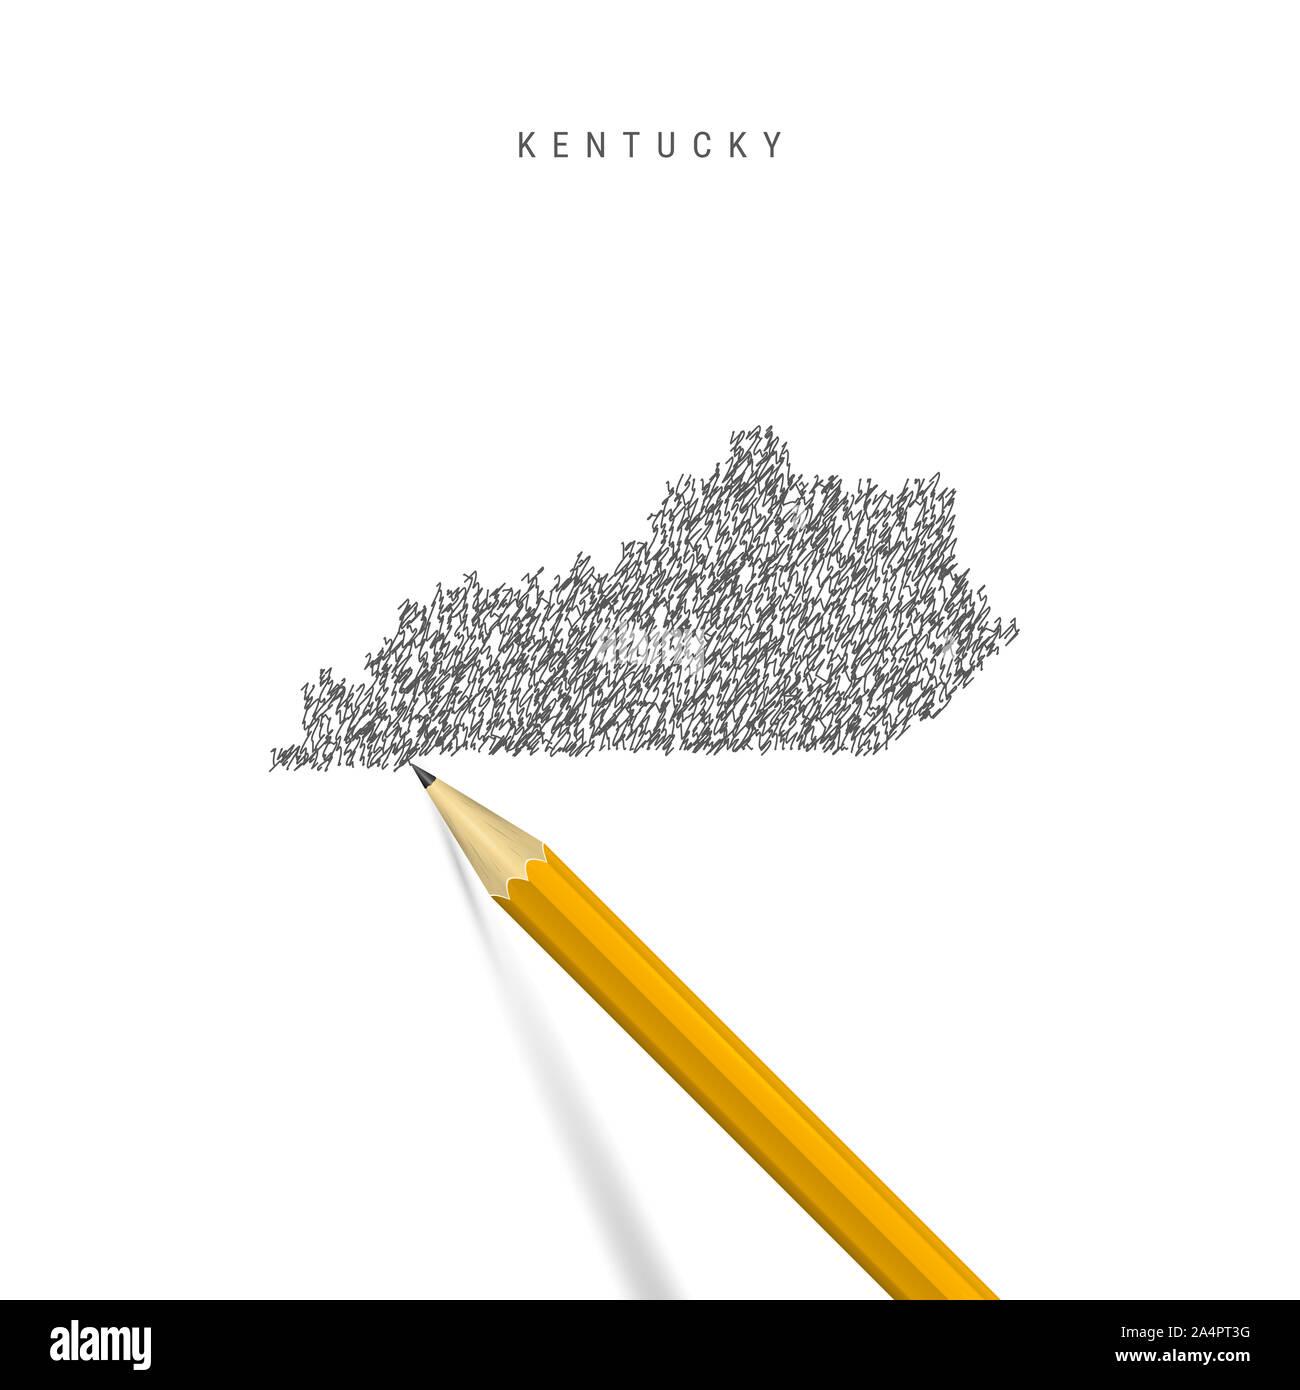 Boceto de Kentucky mapa de garabatear aislado sobre fondo blanco. Mapa dibujado a mano de Kentucky. Lápiz 3D realistas. Foto de stock